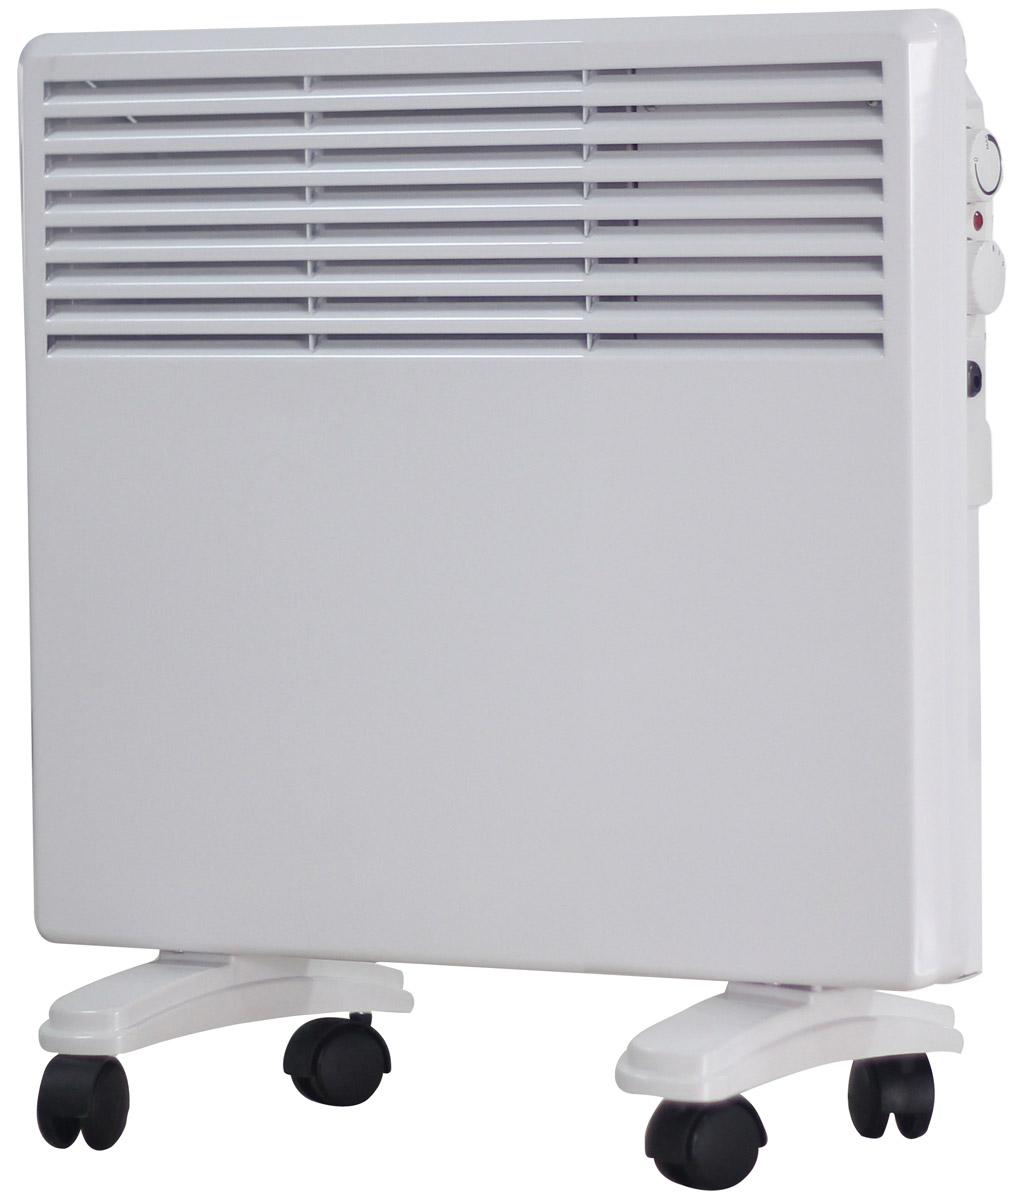 irit IR-6204 конвекторный обогревательIR-6204Конвектор Irit IR-6204 отлично подойдет для дома и дачи. Устройство работает по принципу естественной конвекции. Холодный воздух, проходя через конвектор и его нагревательный элемент, нагревается и выходит сквозь решетки-жалюзи, незамедлительно начиная обогревать помещение. Имеет возможность настенной и напольной установки.